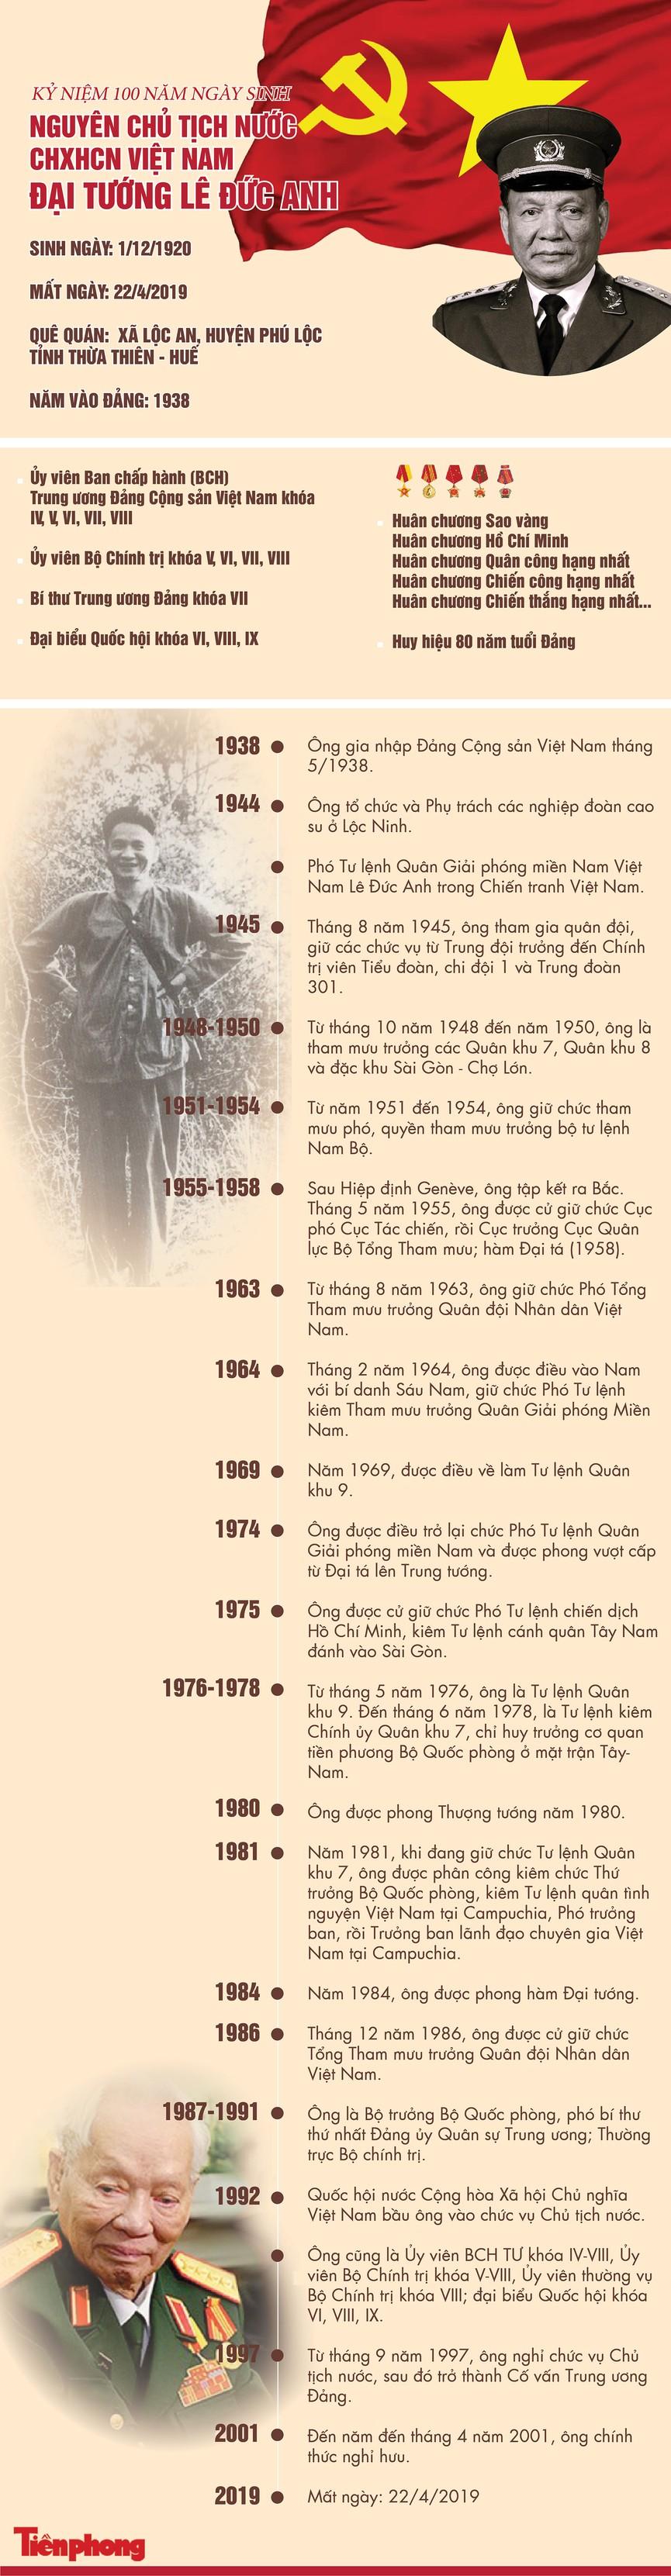 100 năm ngày sinh Chủ tịch nước, Đại tướng Lê Đức Anh - ảnh 1